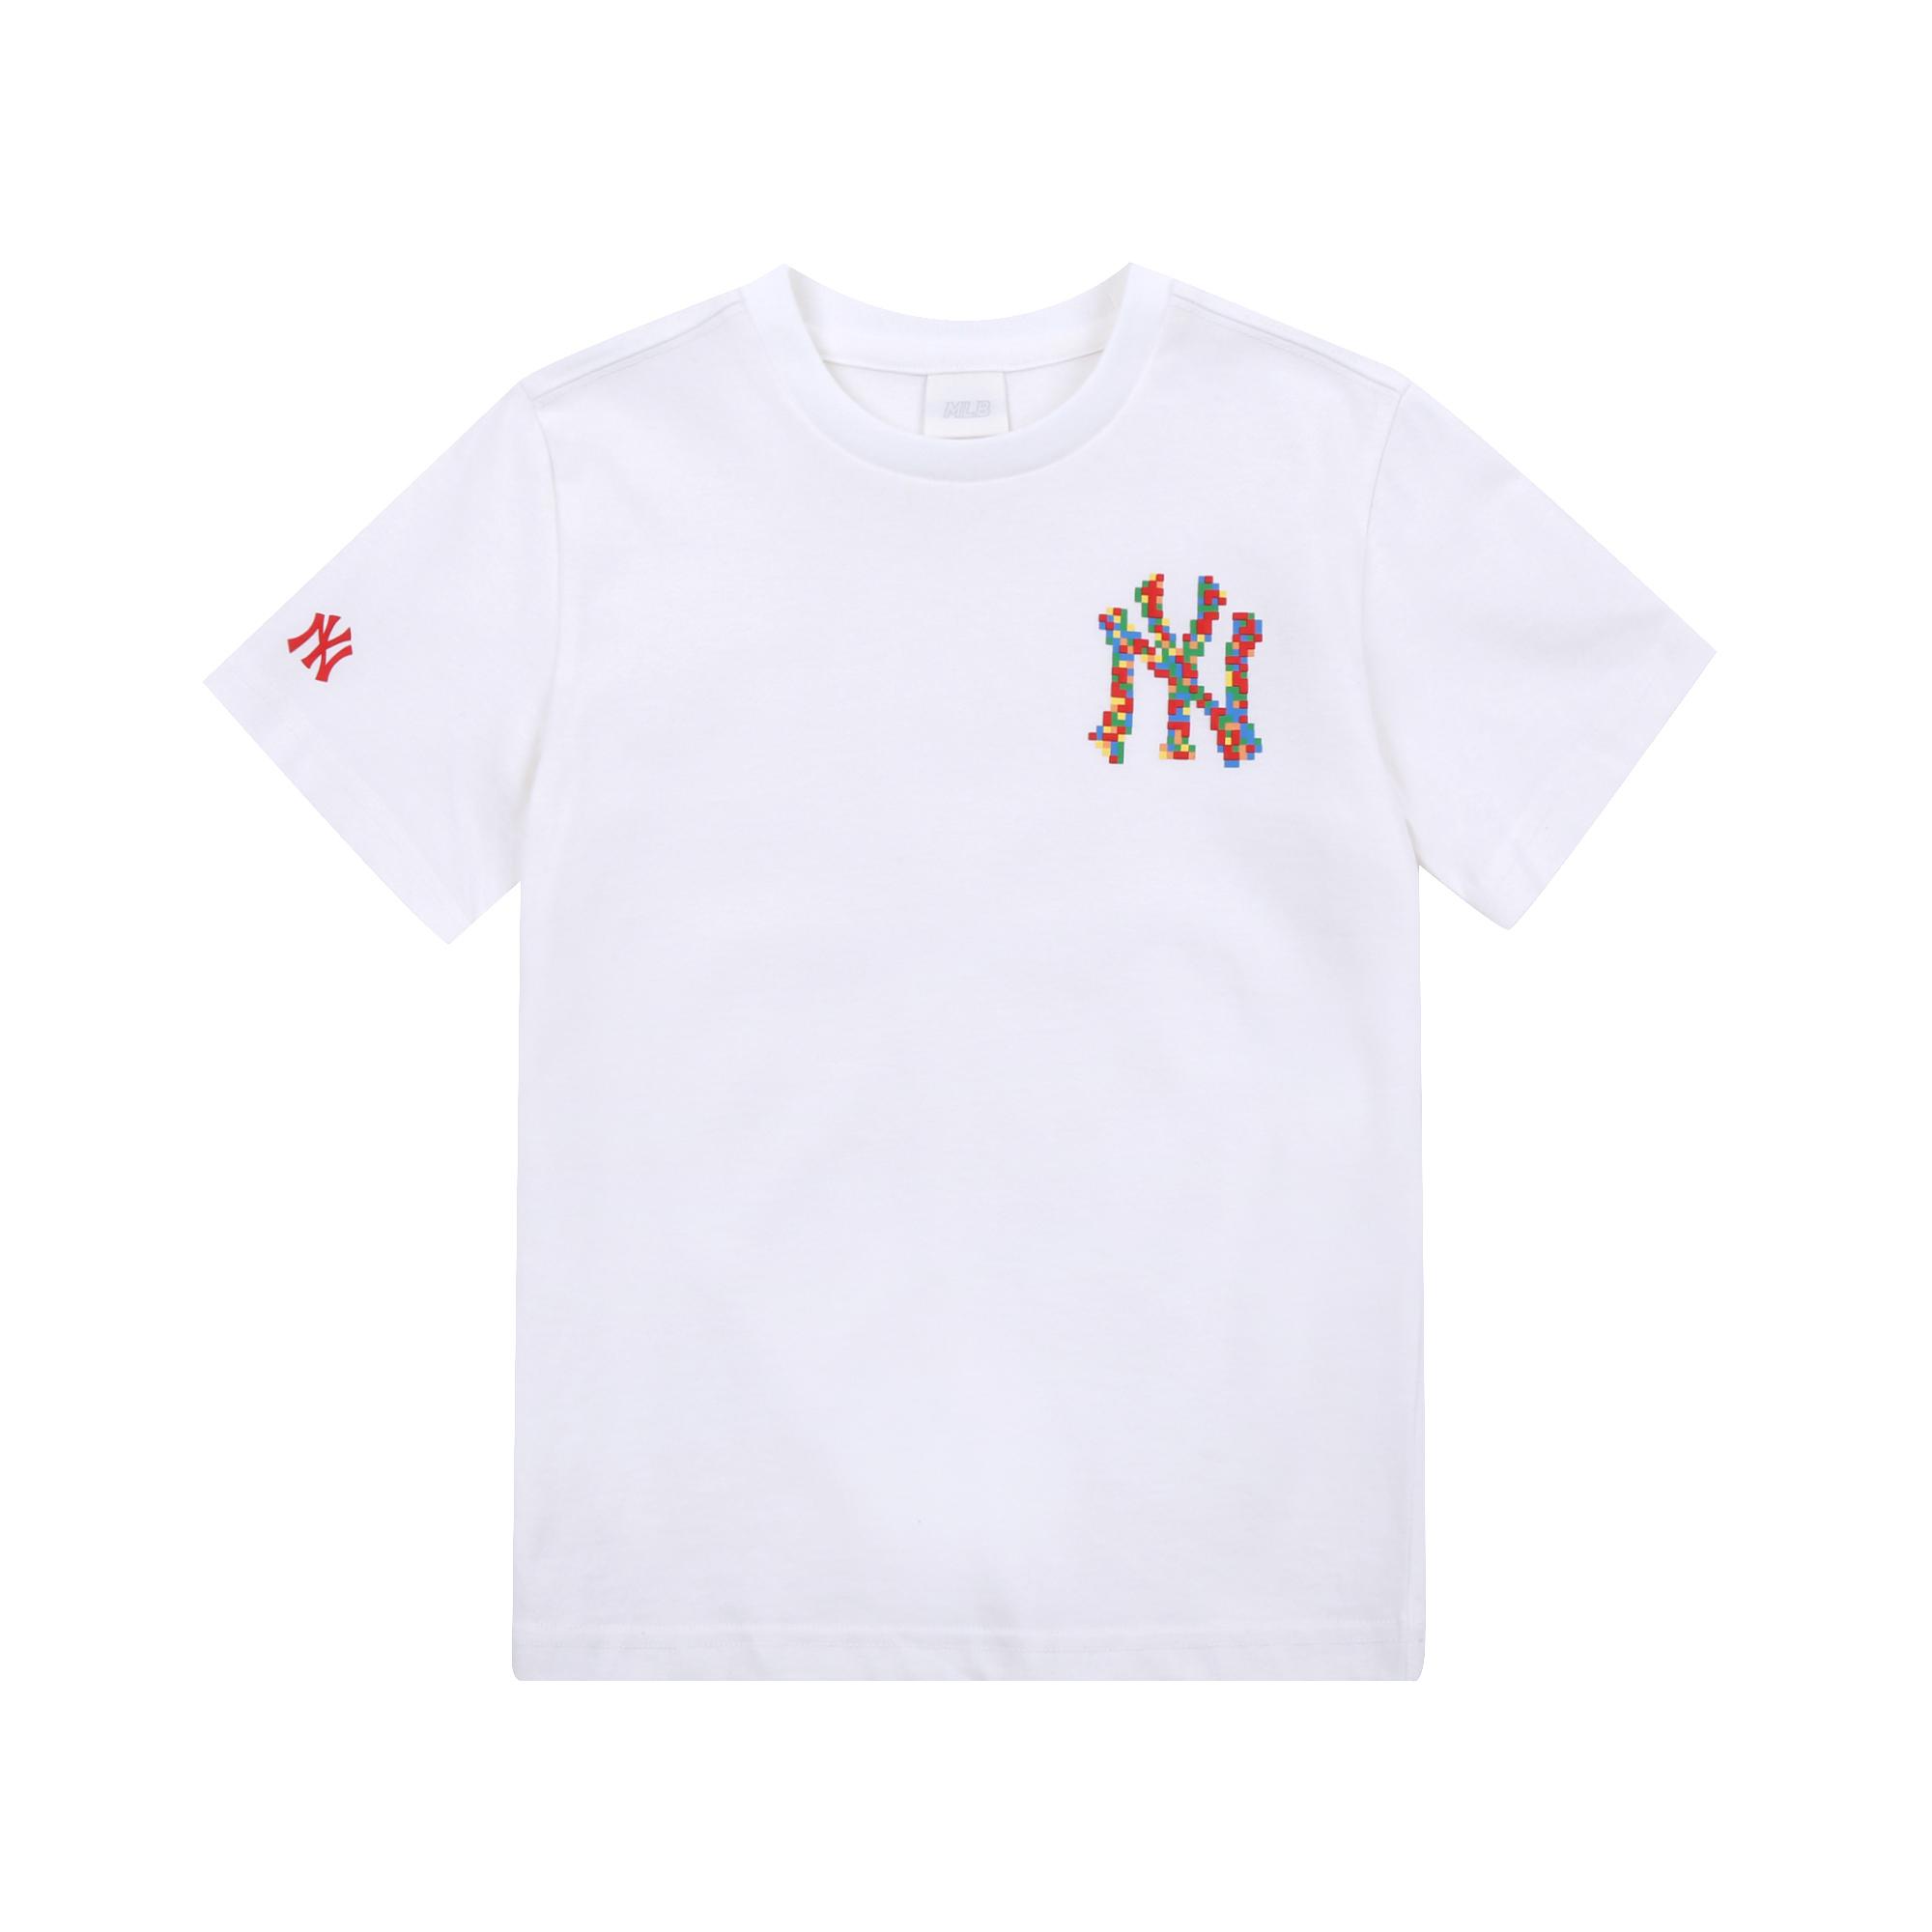 PLAY MLB 픽셀 로고 티셔츠 뉴욕양키스